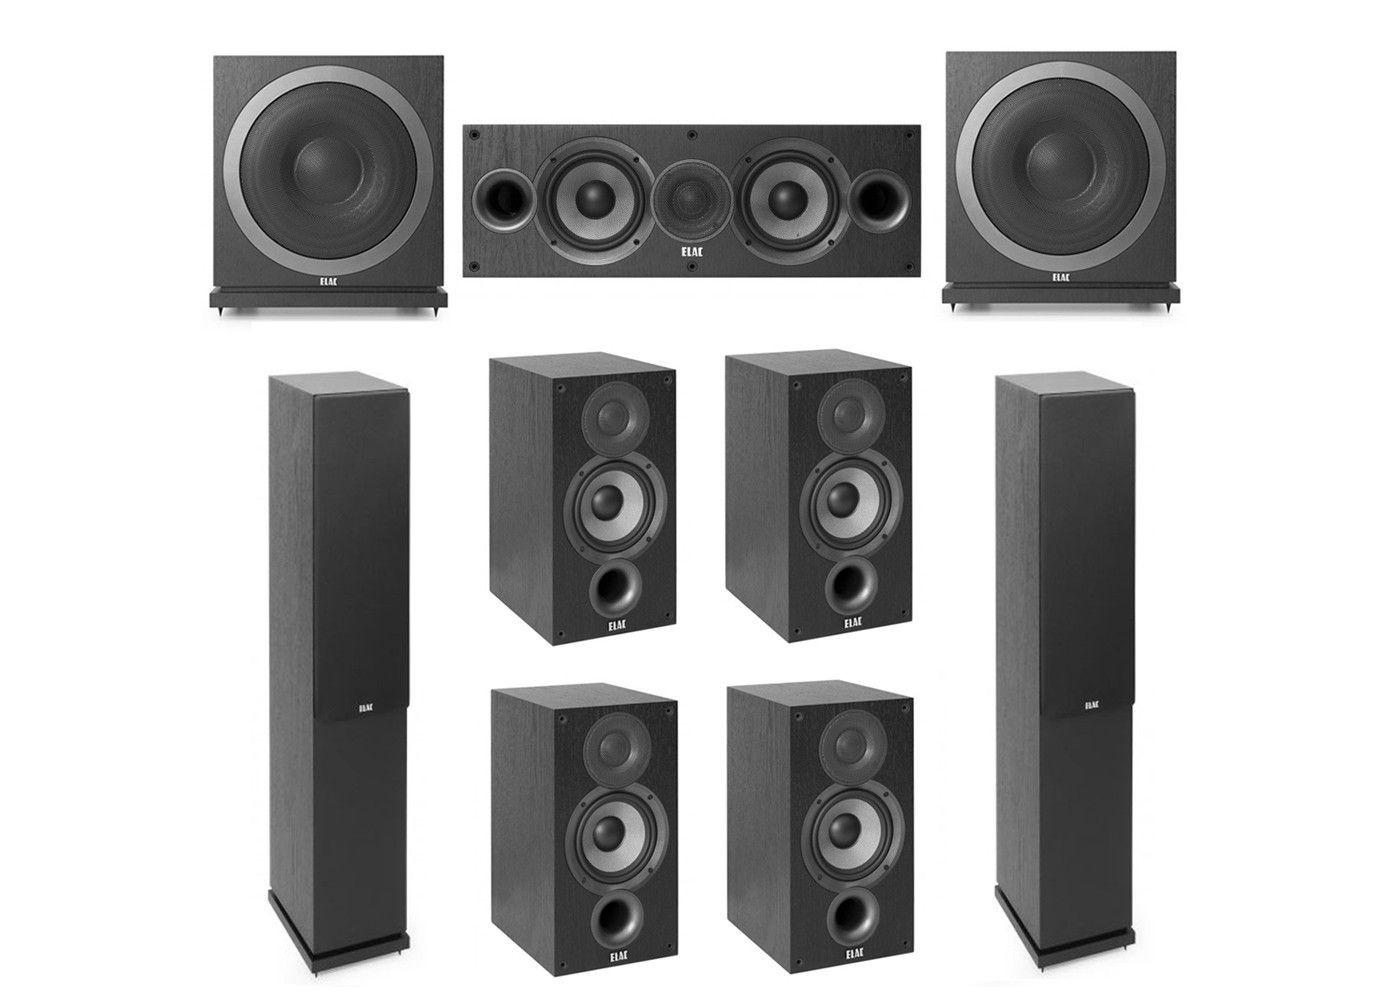 Elac 72 System With 2 F52 Floorstanding Speakers 1 C52 Center Speaker 4 B52 Bookshelf